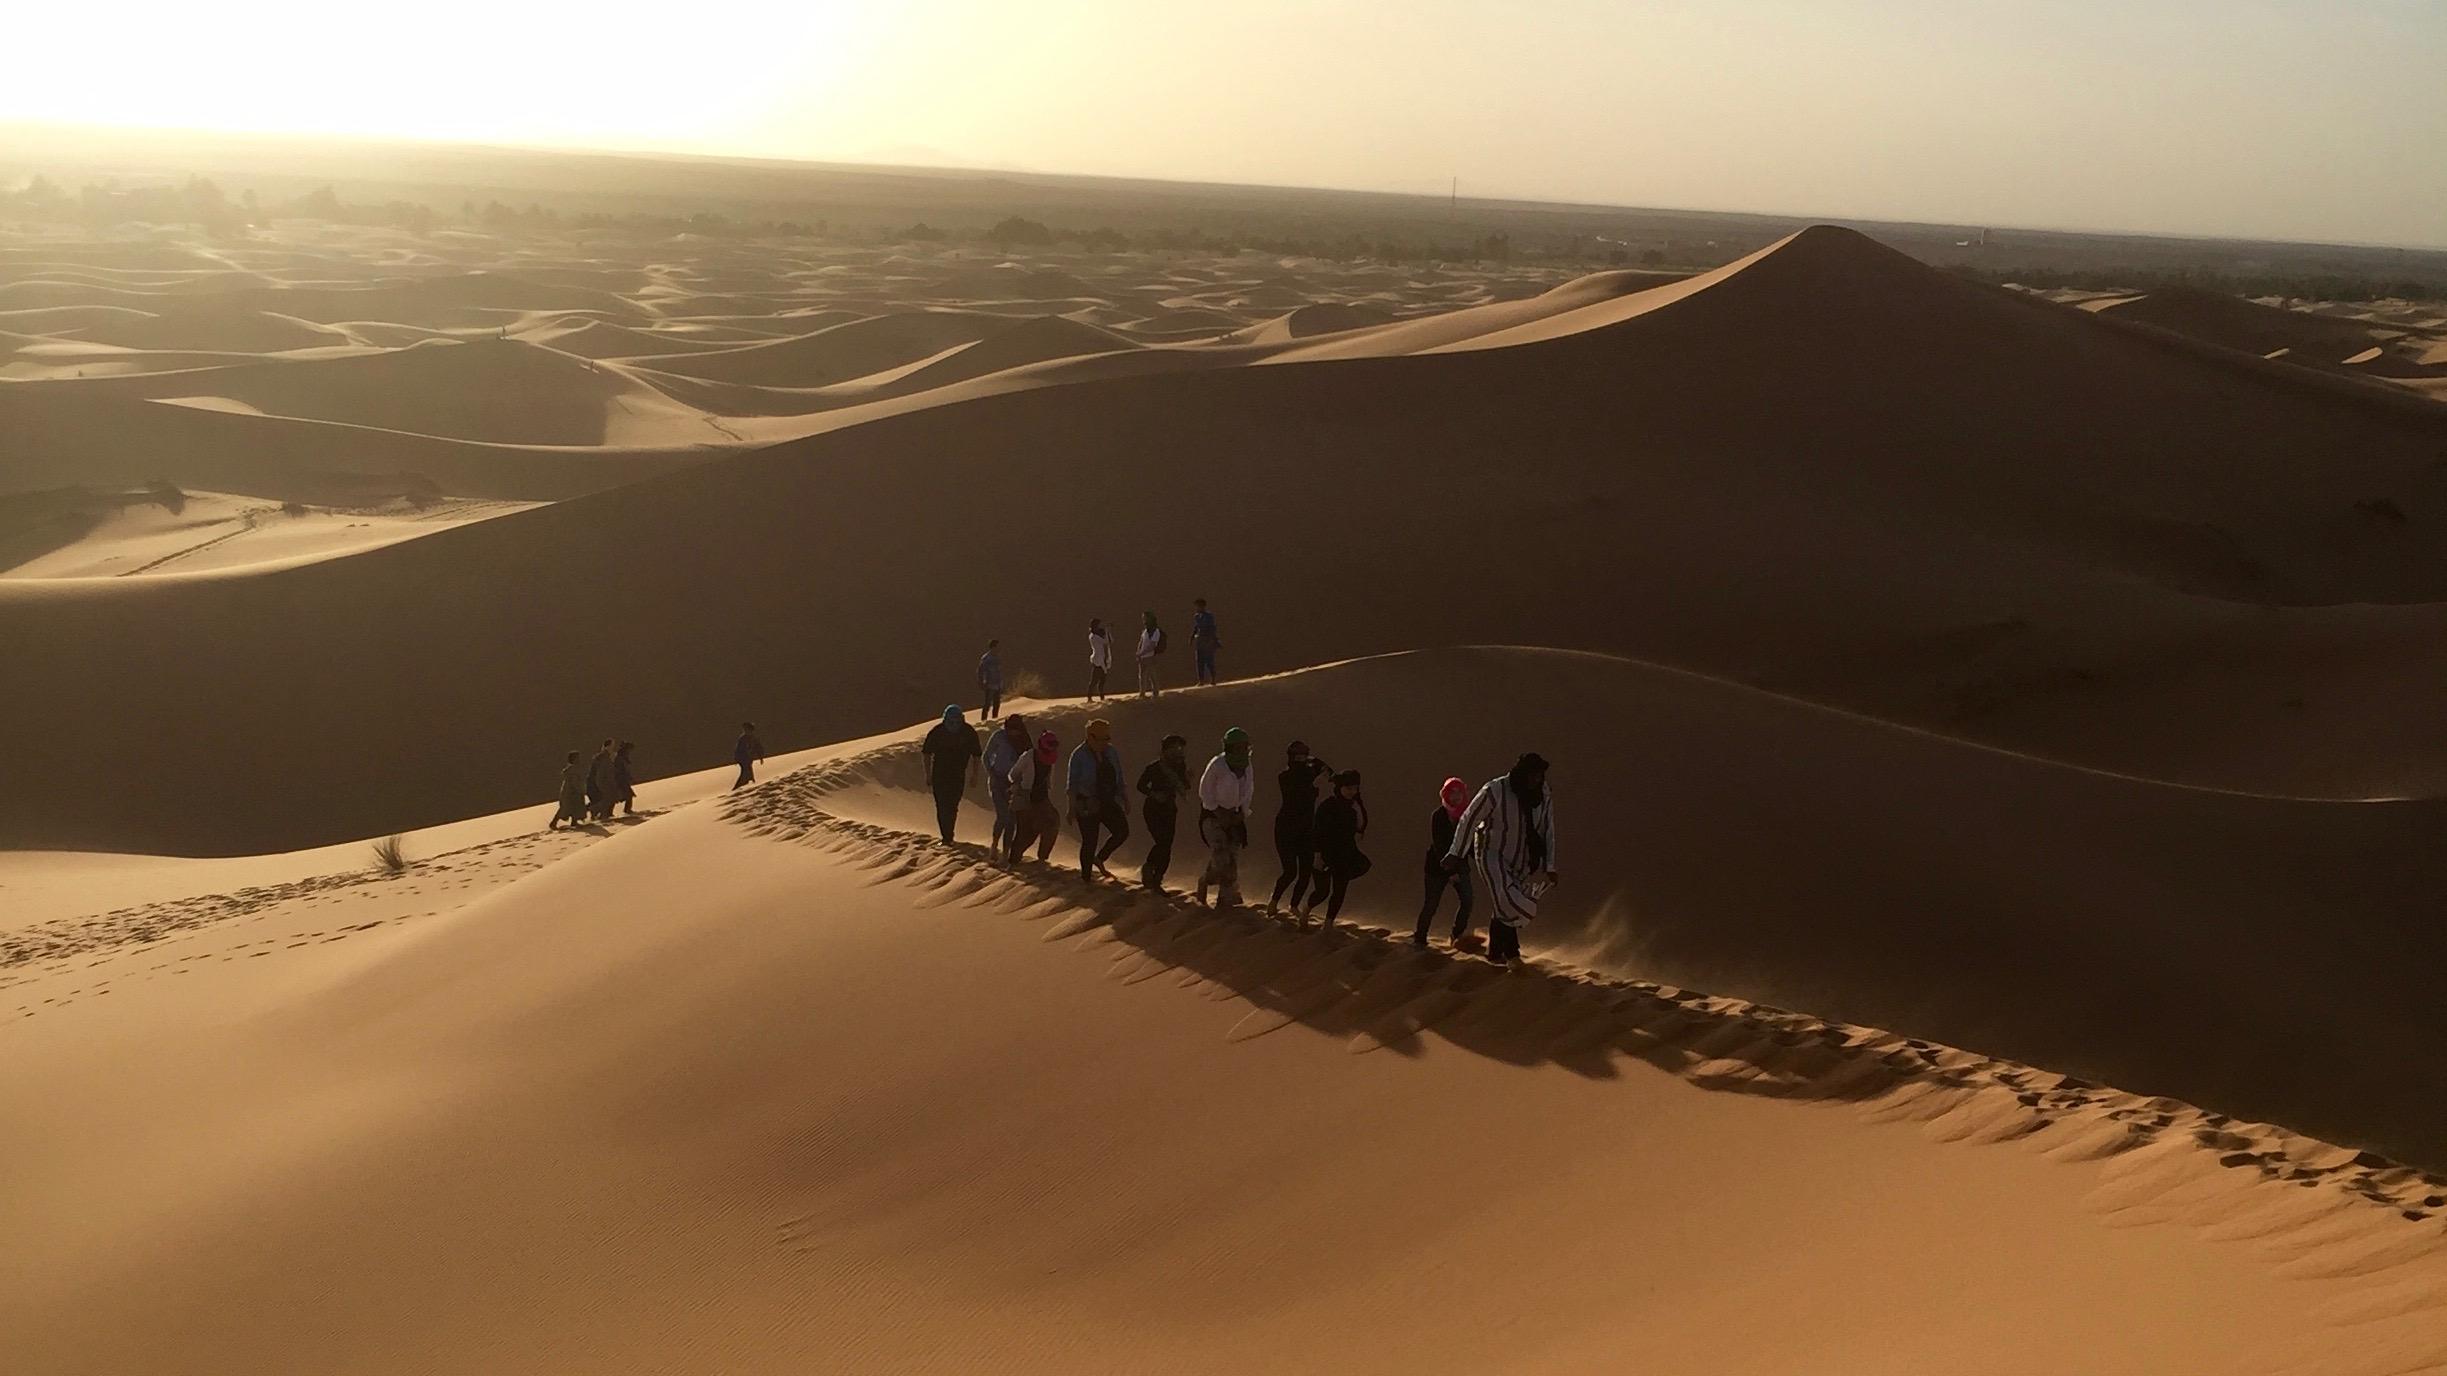 Dunes, Rabat by Melissa Strauss